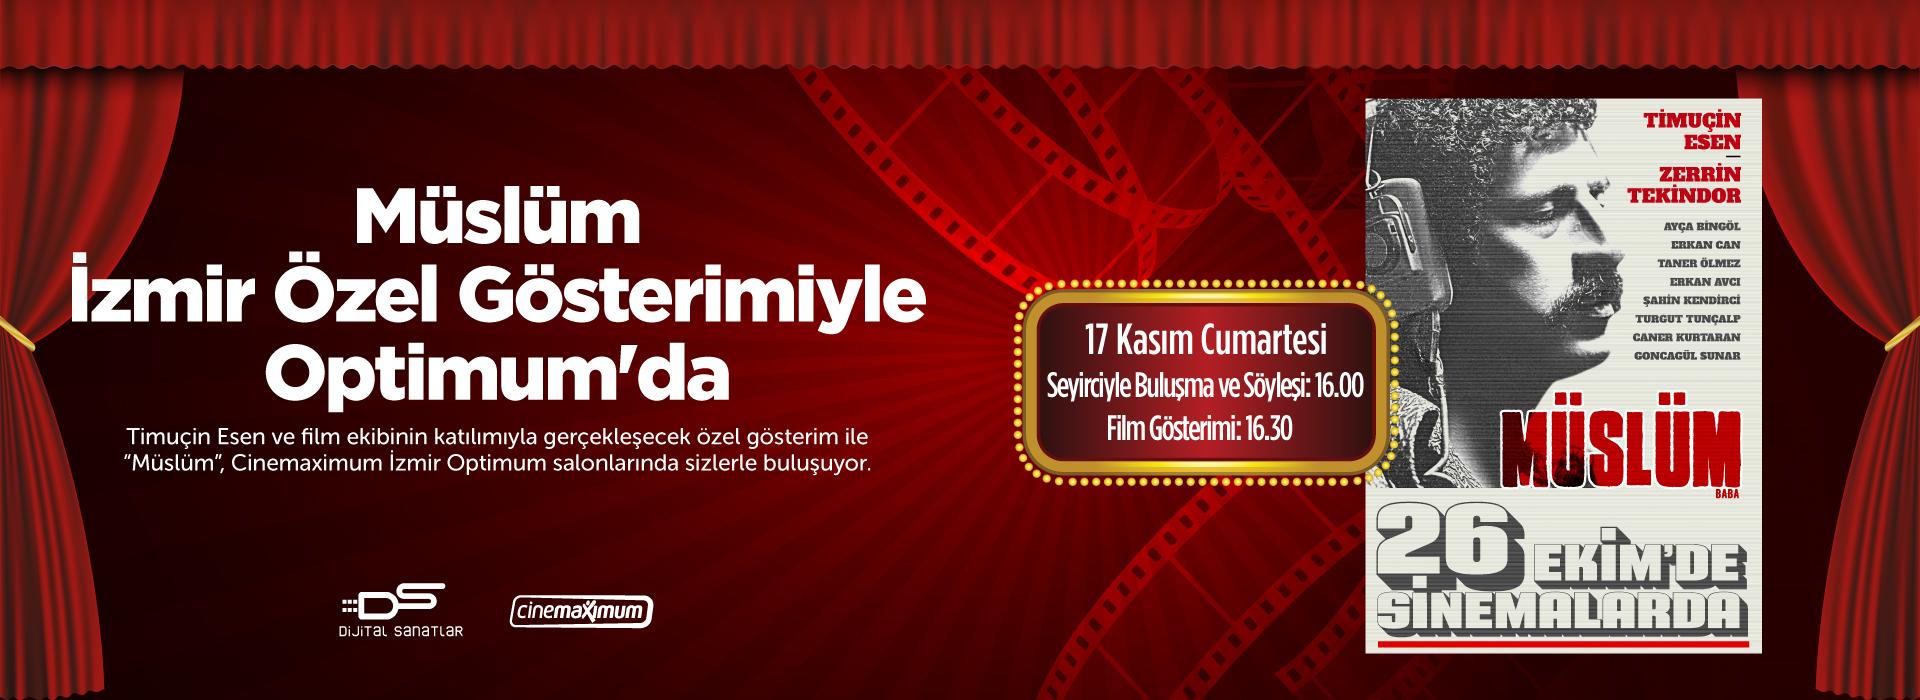 Müslüm İzmir Özel Gösterimiyle Optimum'da